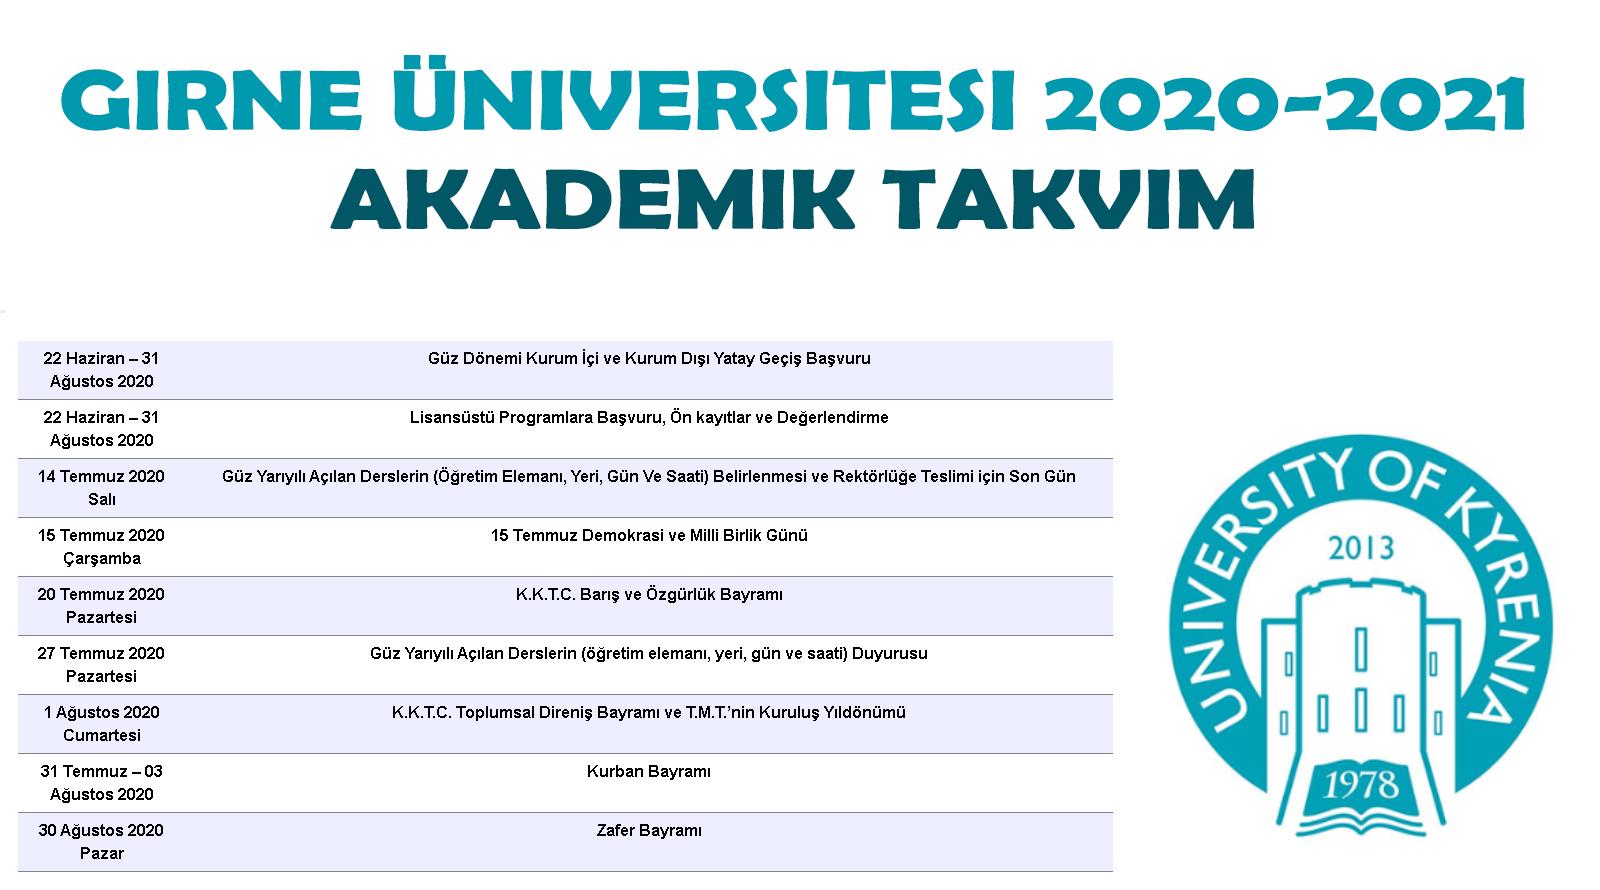 Girne üniversitesi Akademik Takvim